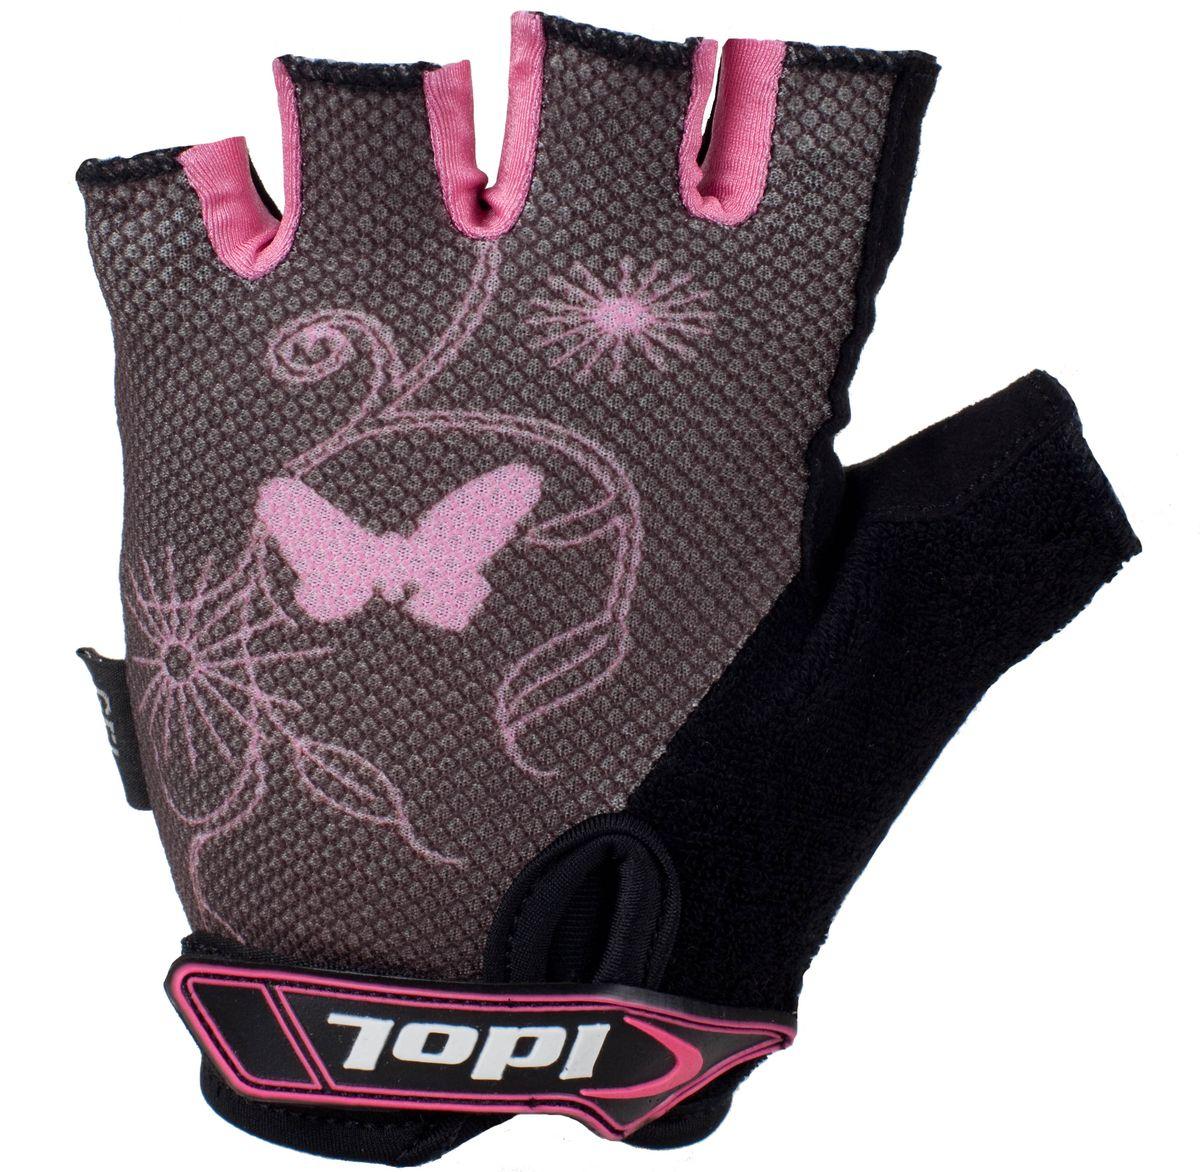 Перчатки велосипедные женские Idol, цвет: черный, розовый. 878. Размер LAIRWHEEL Q3-340WH-BLACKЖенские велосипедные перчатки без пальцев Idol предназначены для тех, кто занимается велоспортом, велотуризмом или просто катается на велосипеде. Рабочая поверхность велоперчаток выполнена из плотного сетчатого материала, а верхняя часть - из лайкры, хорошо отводящей влагу и, благодаря своей упругости, плотно сидящей на руке. На запястьях перчатки фиксируются прочными липучками. Для удобства снятия каждая перчатка оснащена двумя небольшими петельками.Высокое качество, технически совершенные материалы, оригинальный стильный дизайн, функциональность и долговечность выделяют велоперчатки Idol среди прочих.